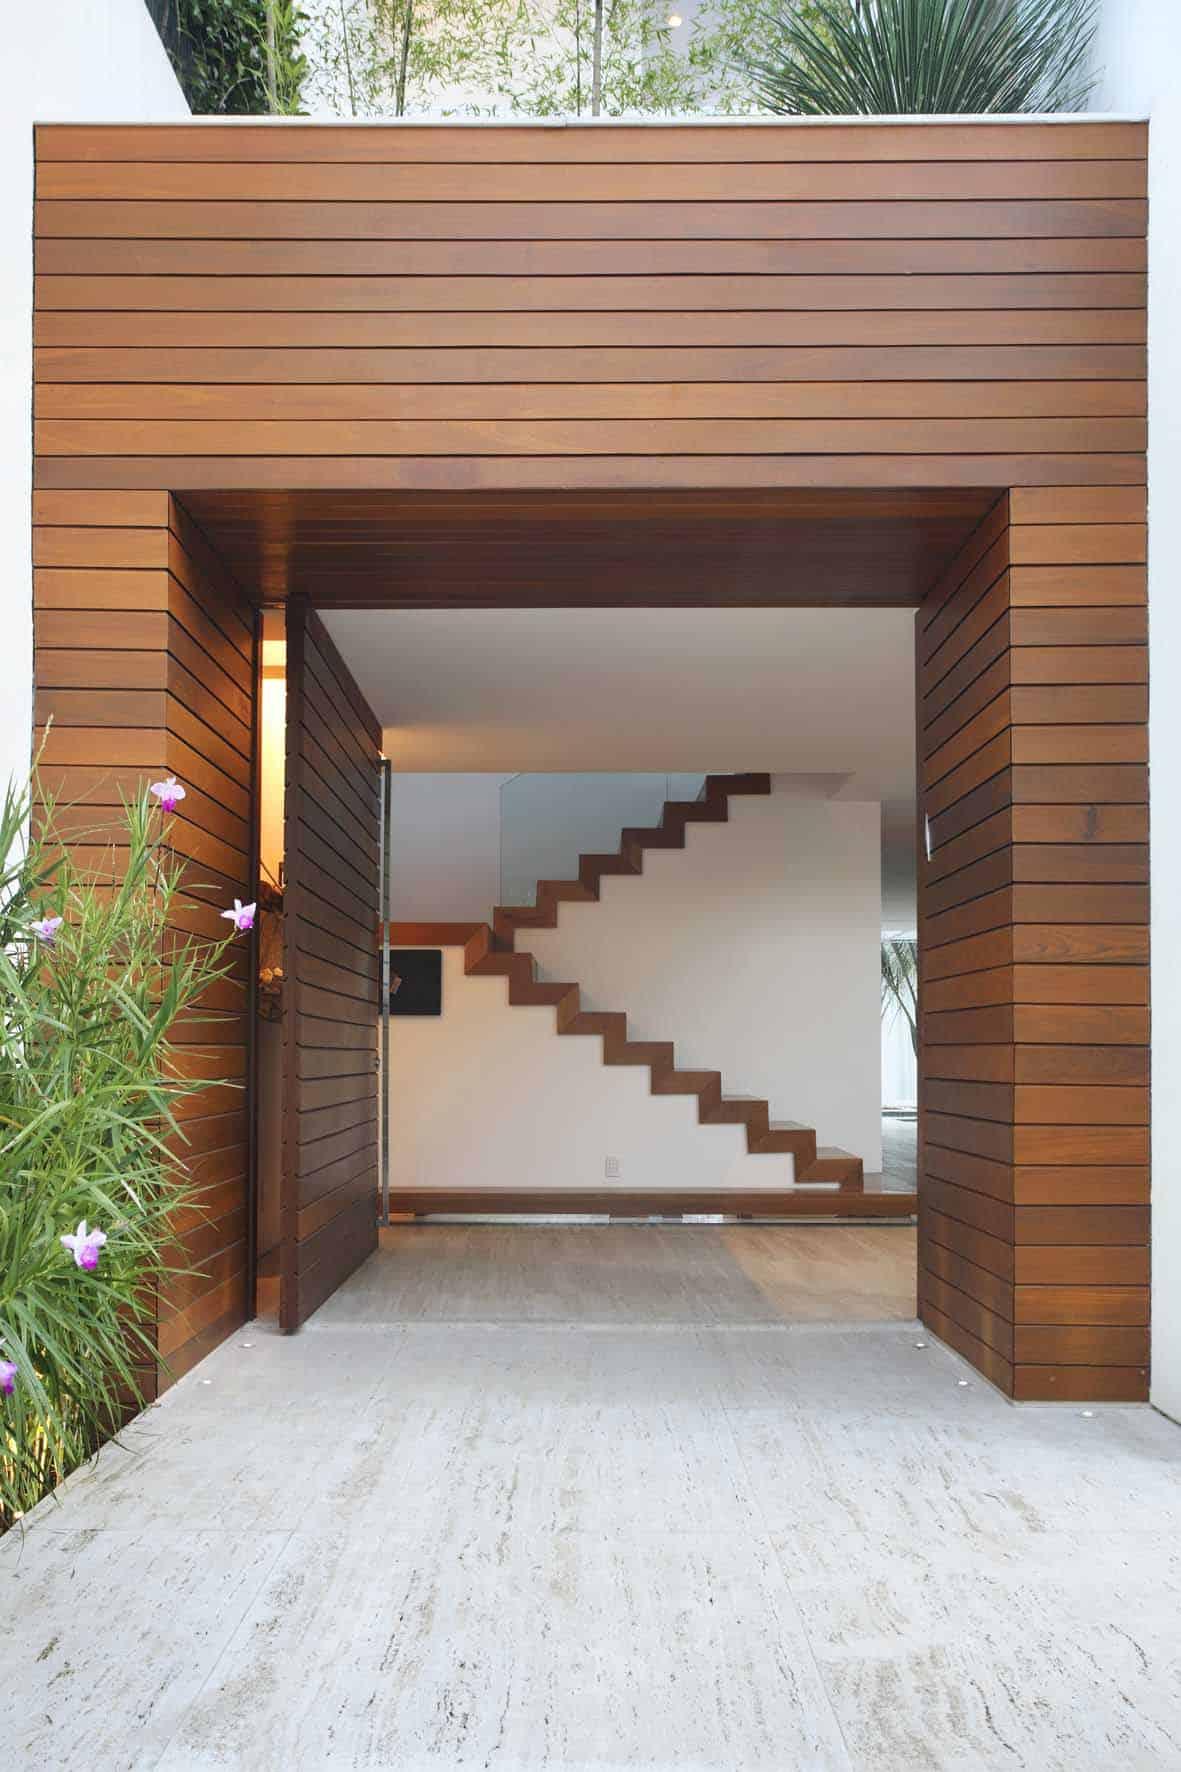 Leblon House By Progetto Architetura Interiores